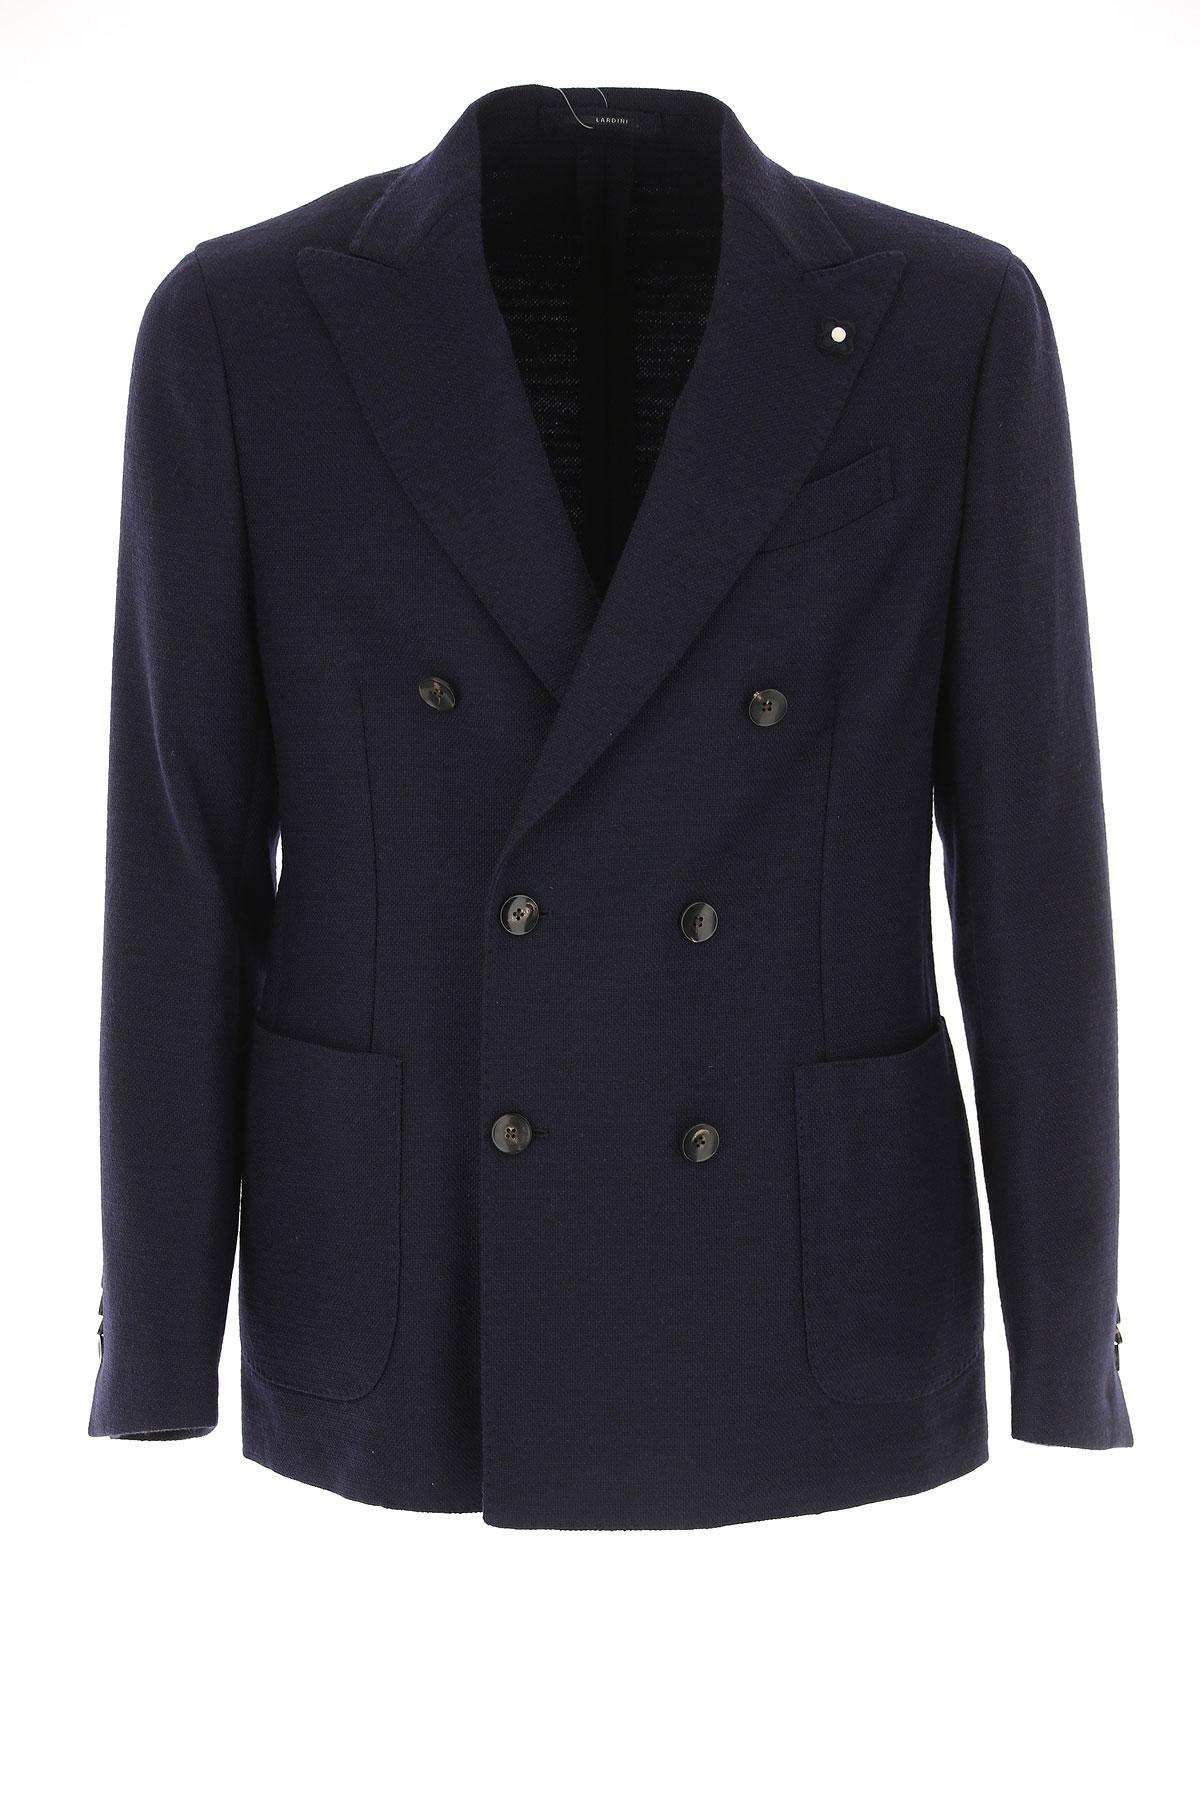 Image of Lardini Blazer for Men, Sport Coat, Blue Ink, Wool, 2017, L M XL XXL